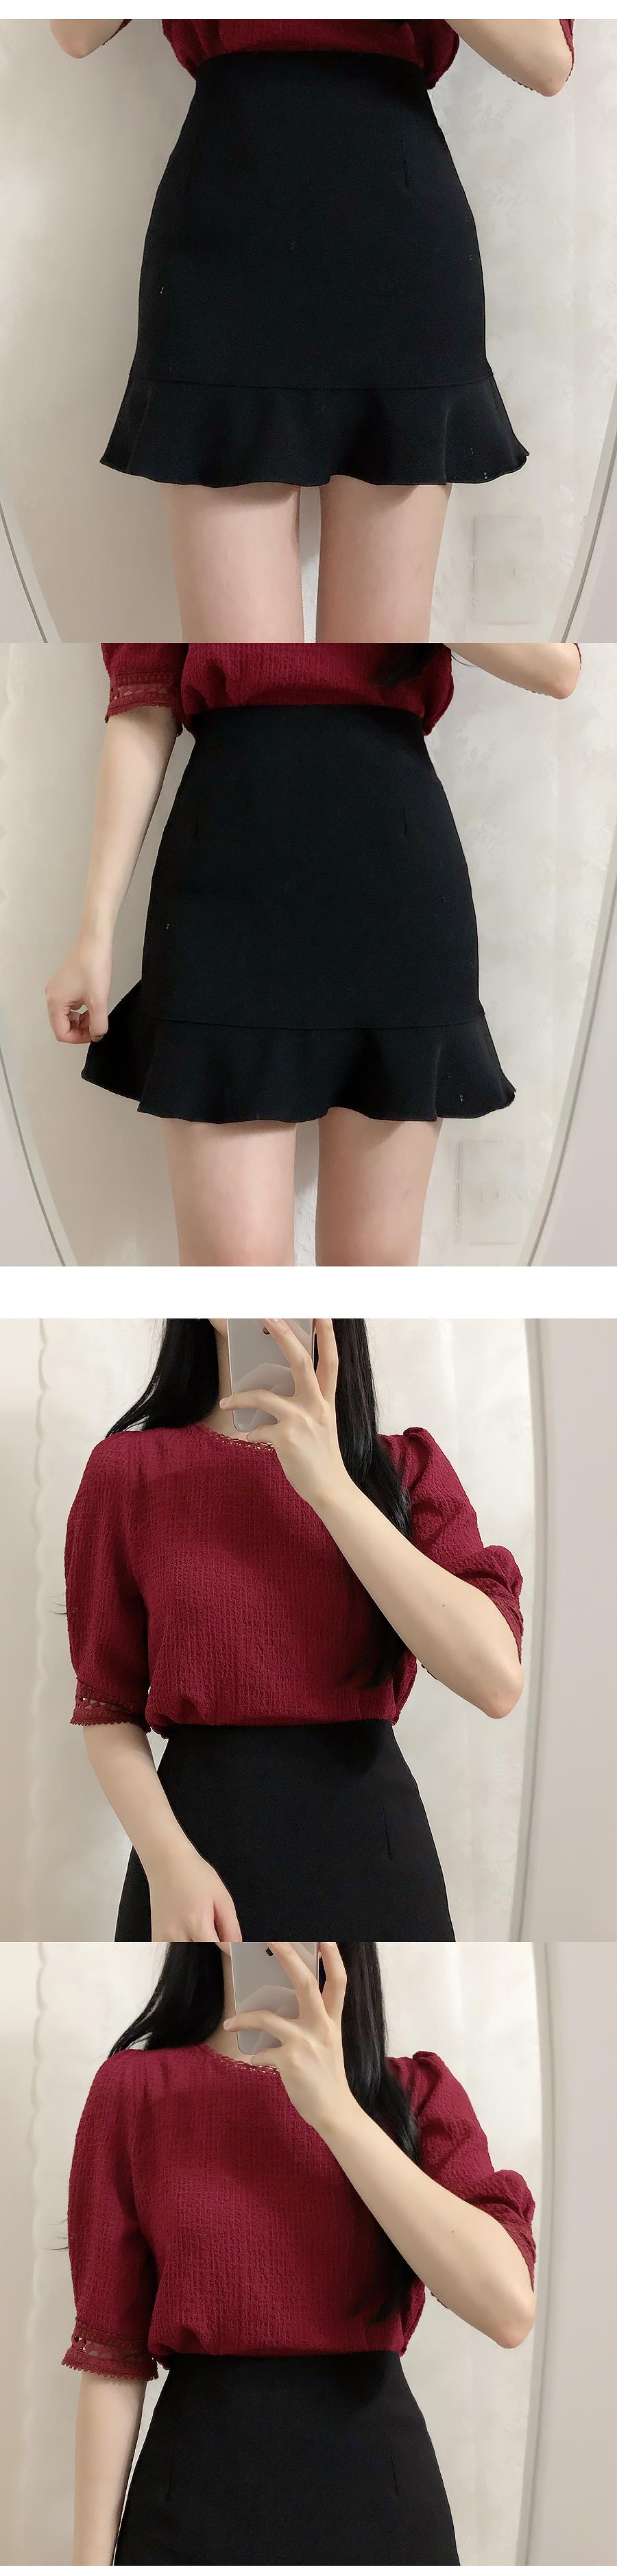 Girls ruffle mini skirt